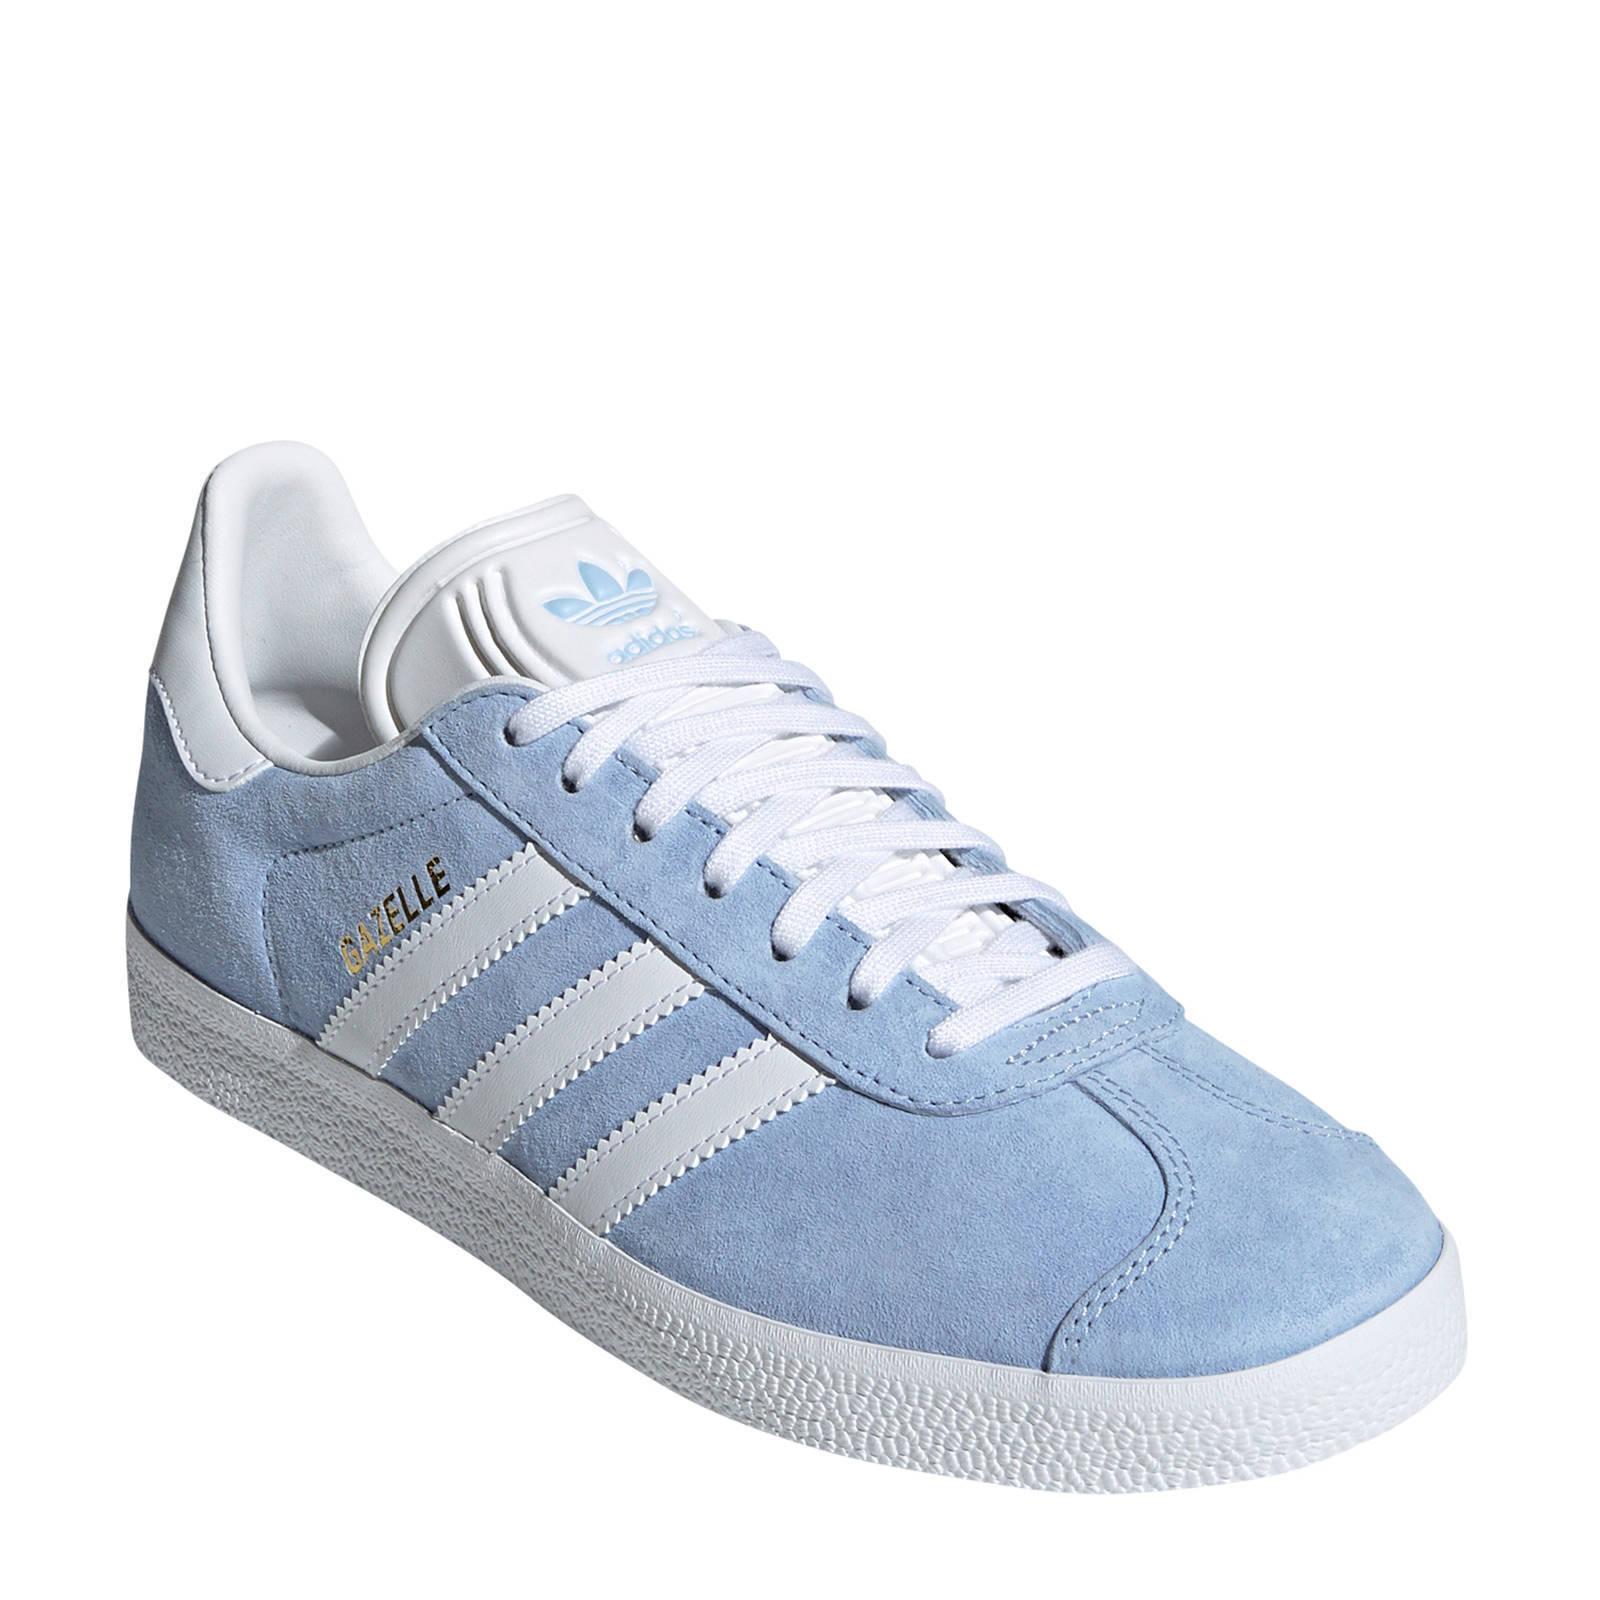 adidas originals Gazelle sneakers lichtblauw/wit | wehkamp